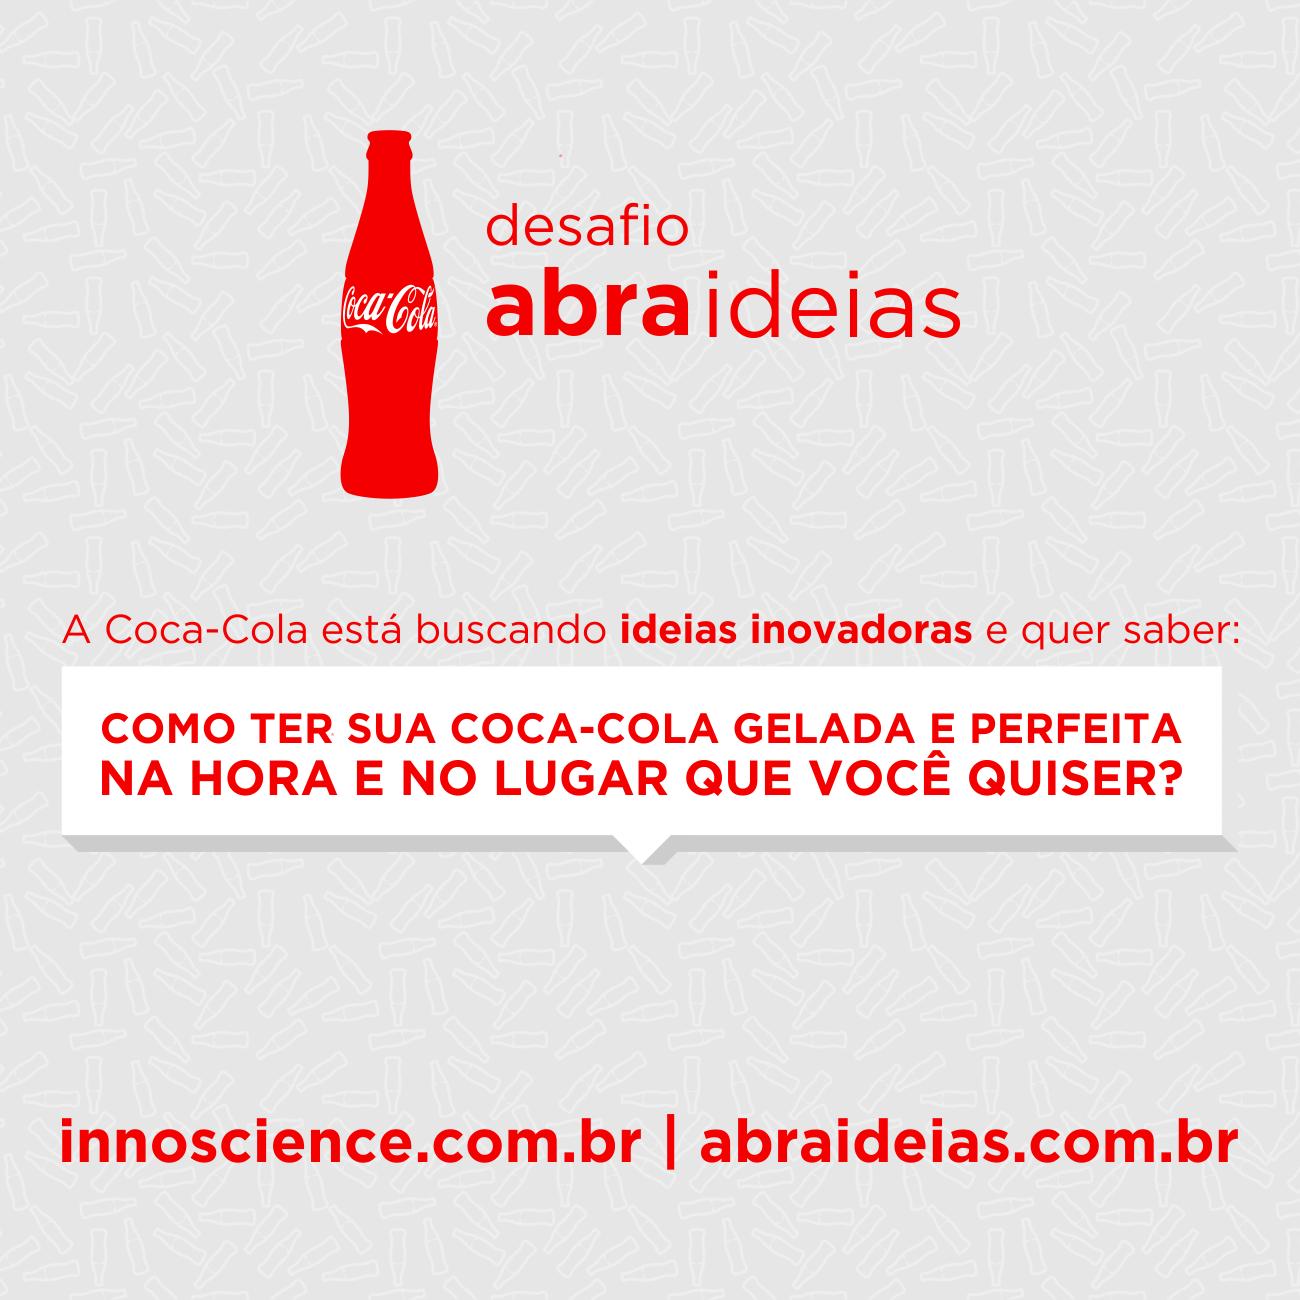 Abra ideias